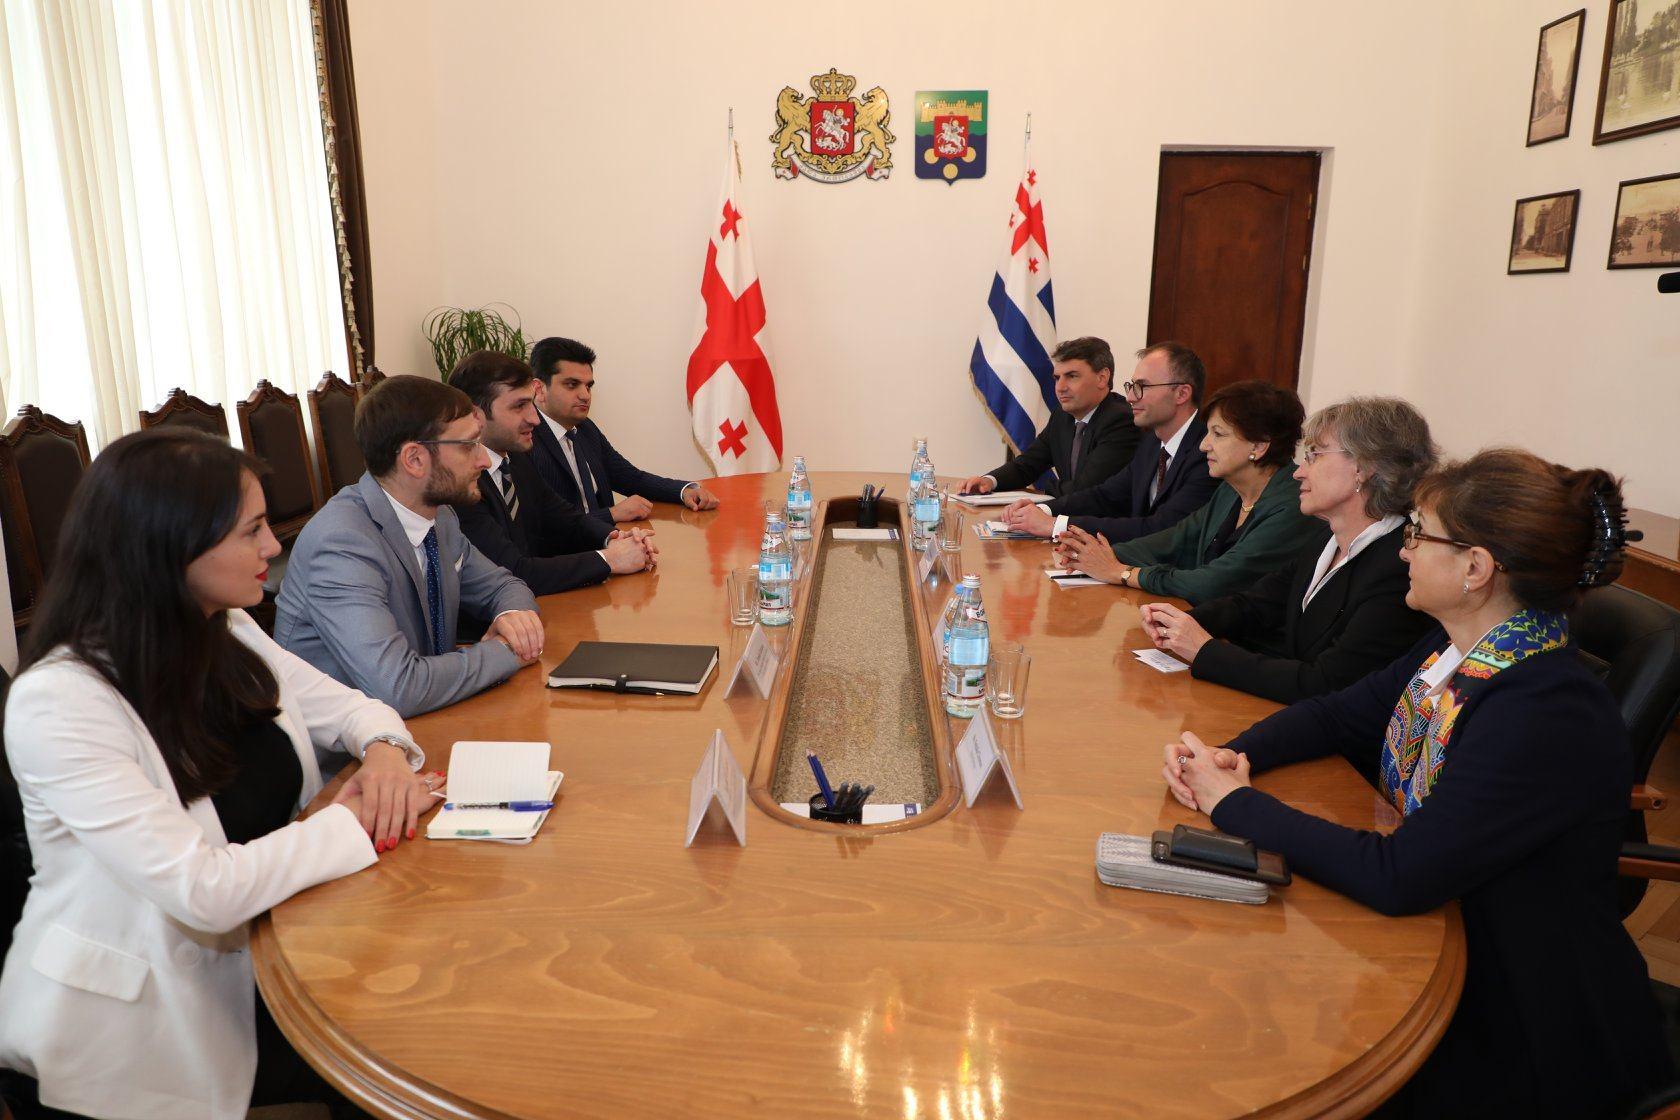 თორნიკე რიჟვაძე ევროპის საინვესტიციო ბანკის (EIB) წარმომადგენლებს შეხვდა